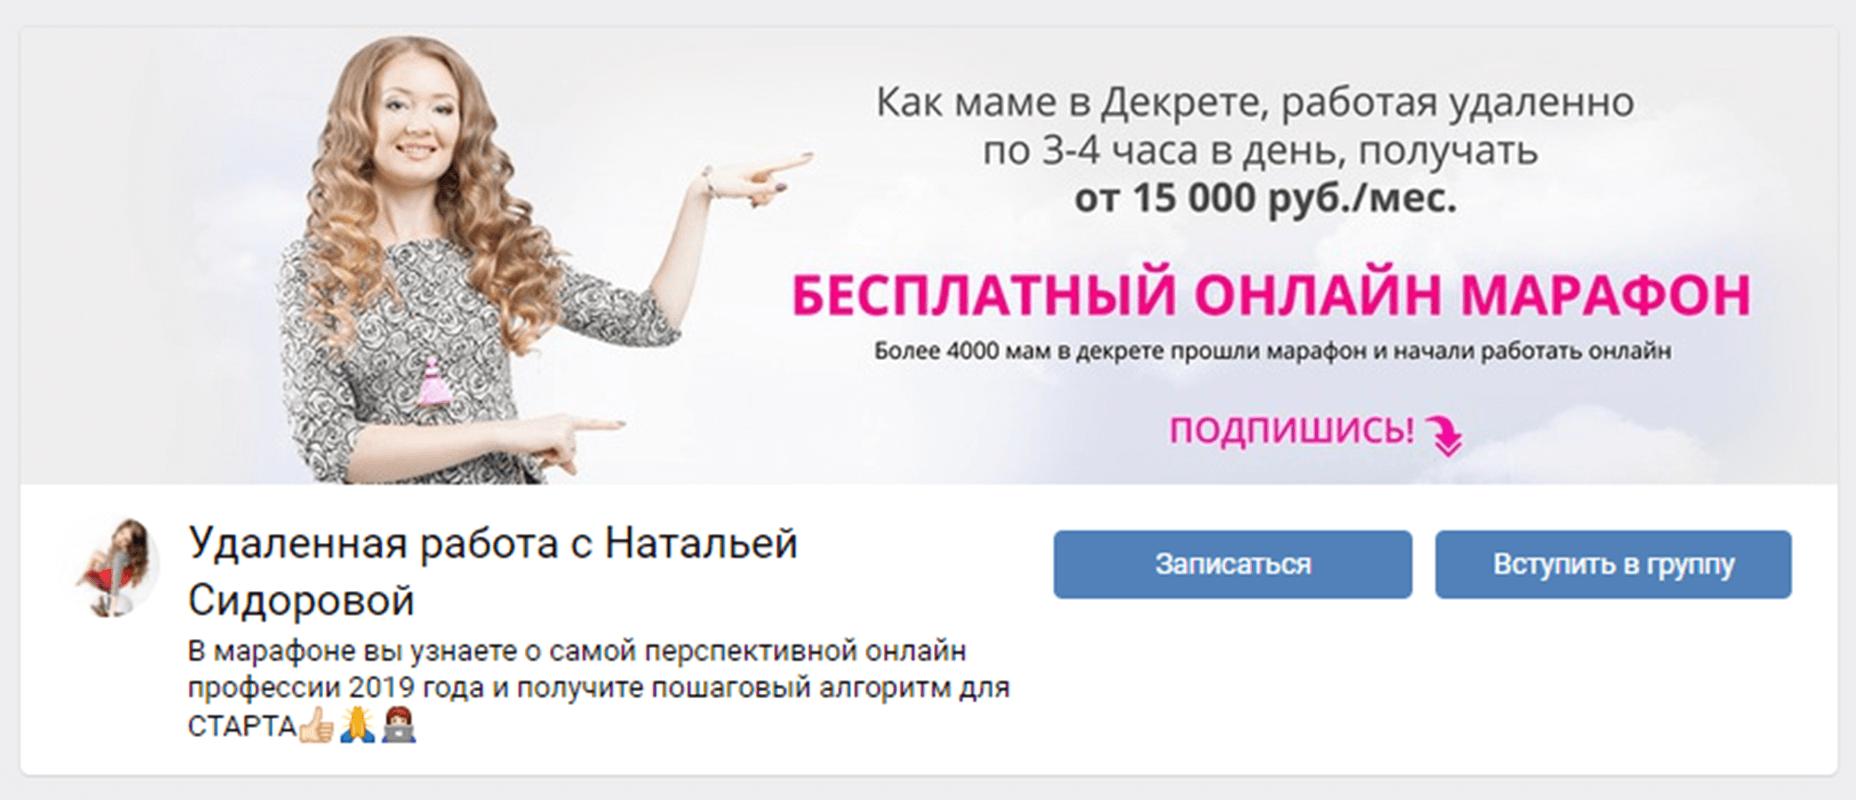 Онлайн-марафон Натальи Сидоровой